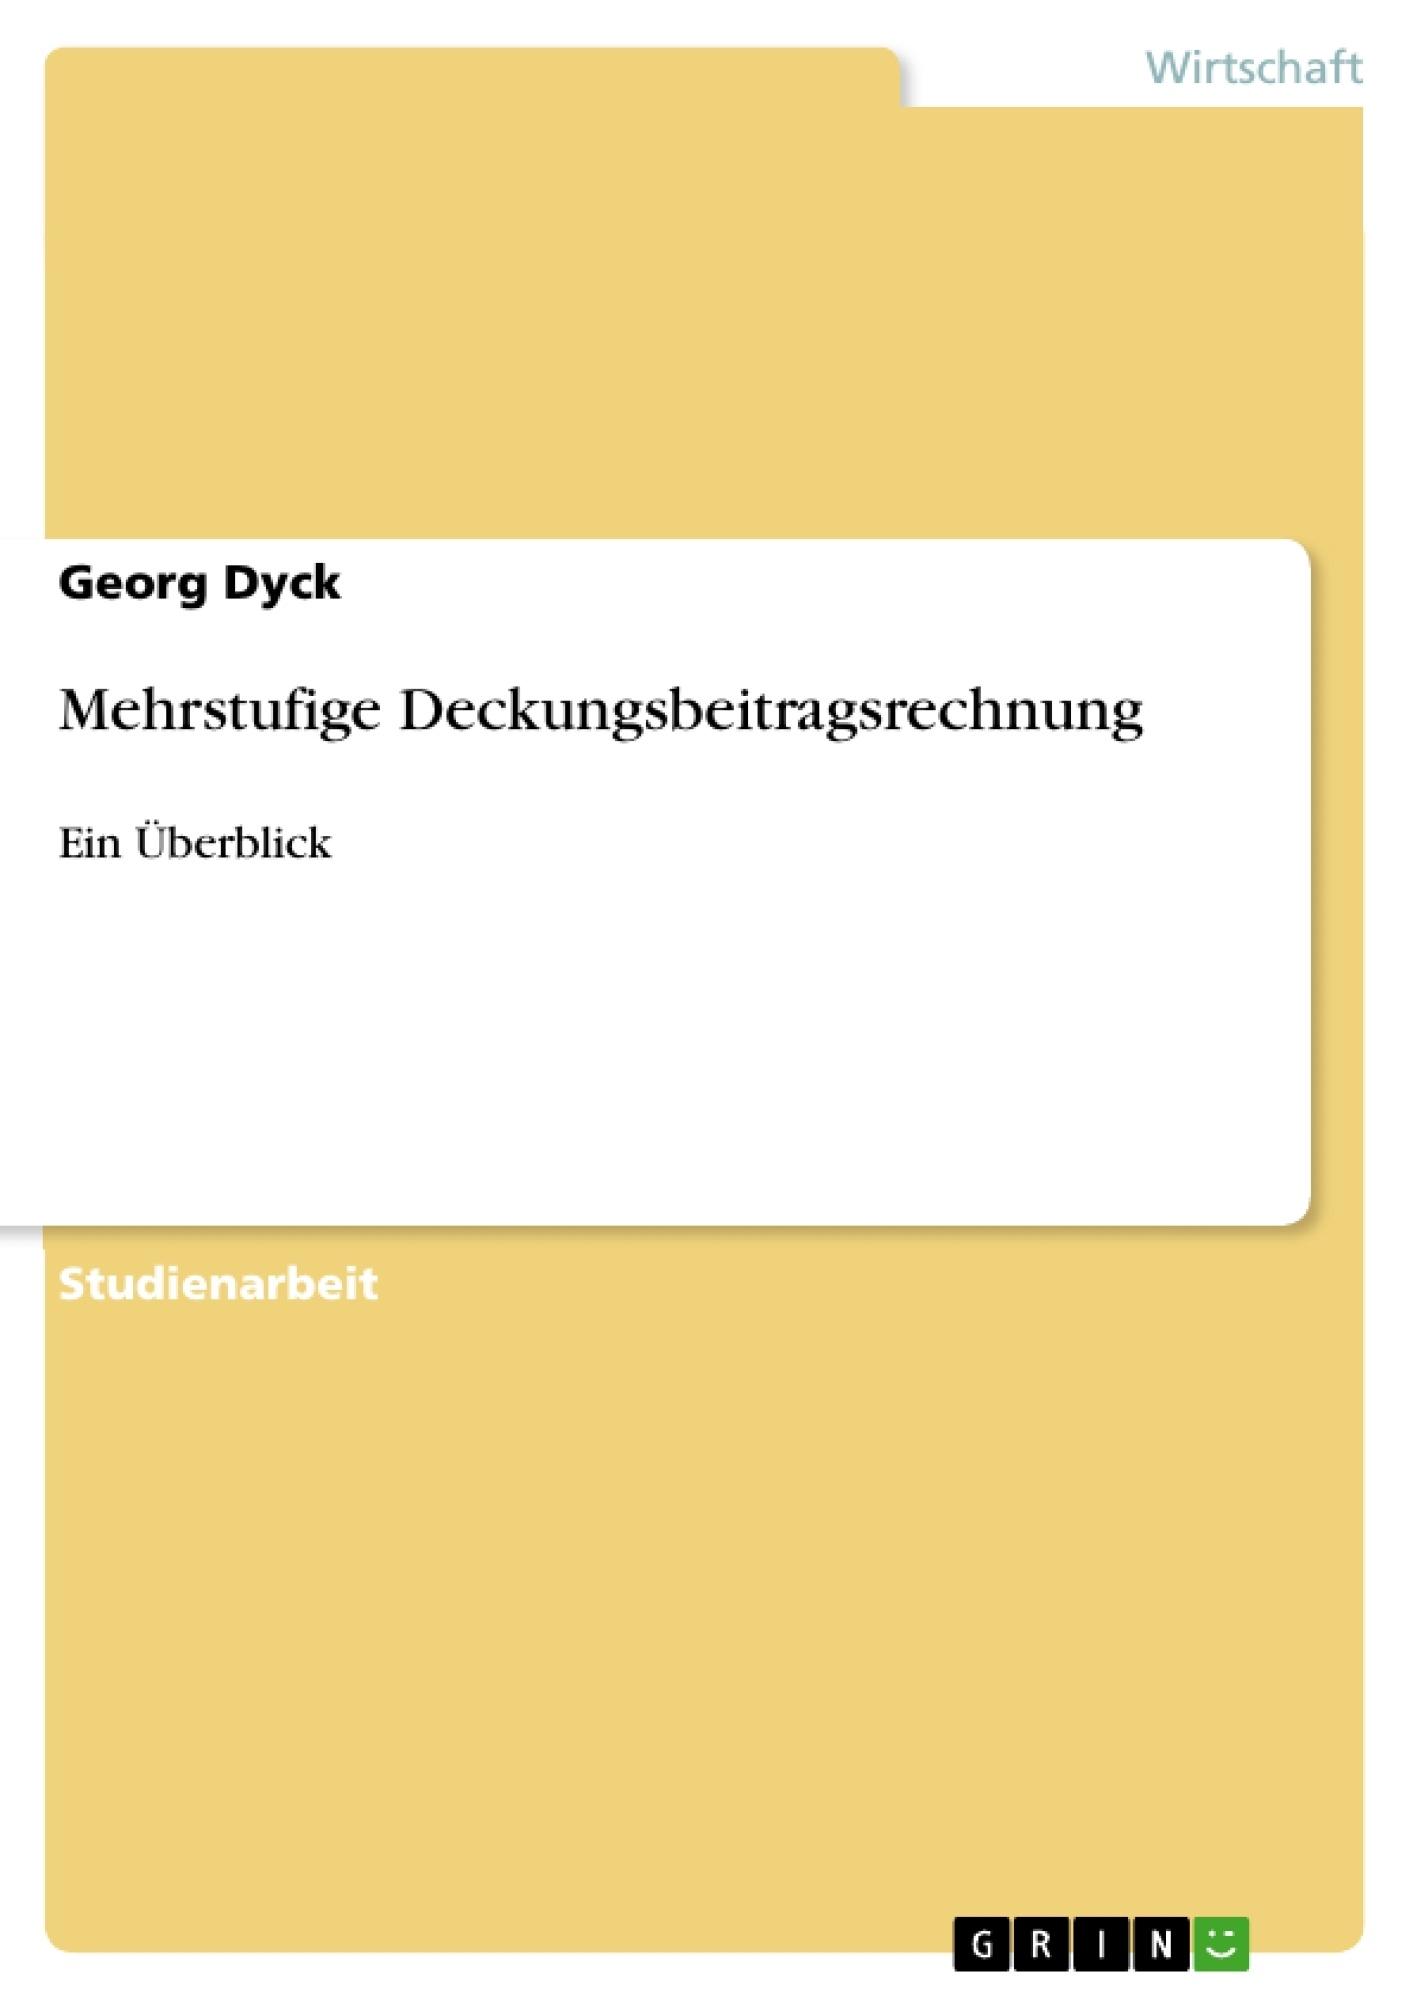 Titel: Mehrstufige Deckungsbeitragsrechnung